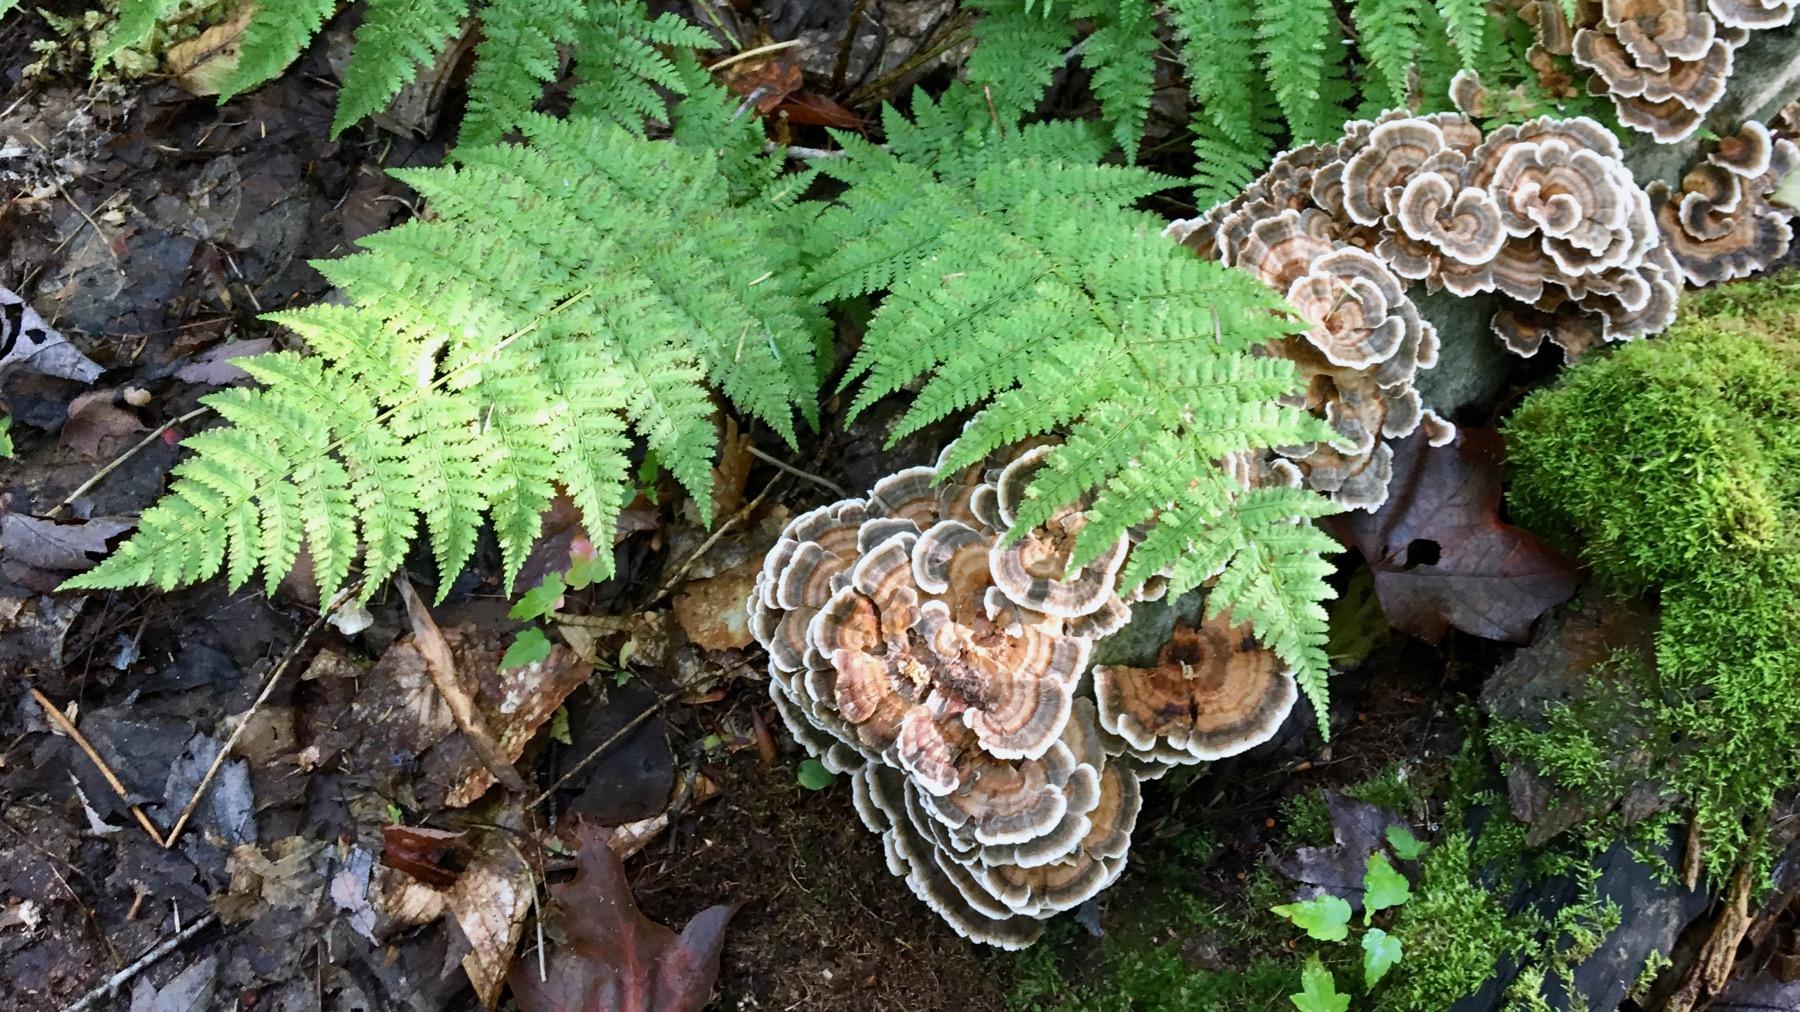 Fern fungi